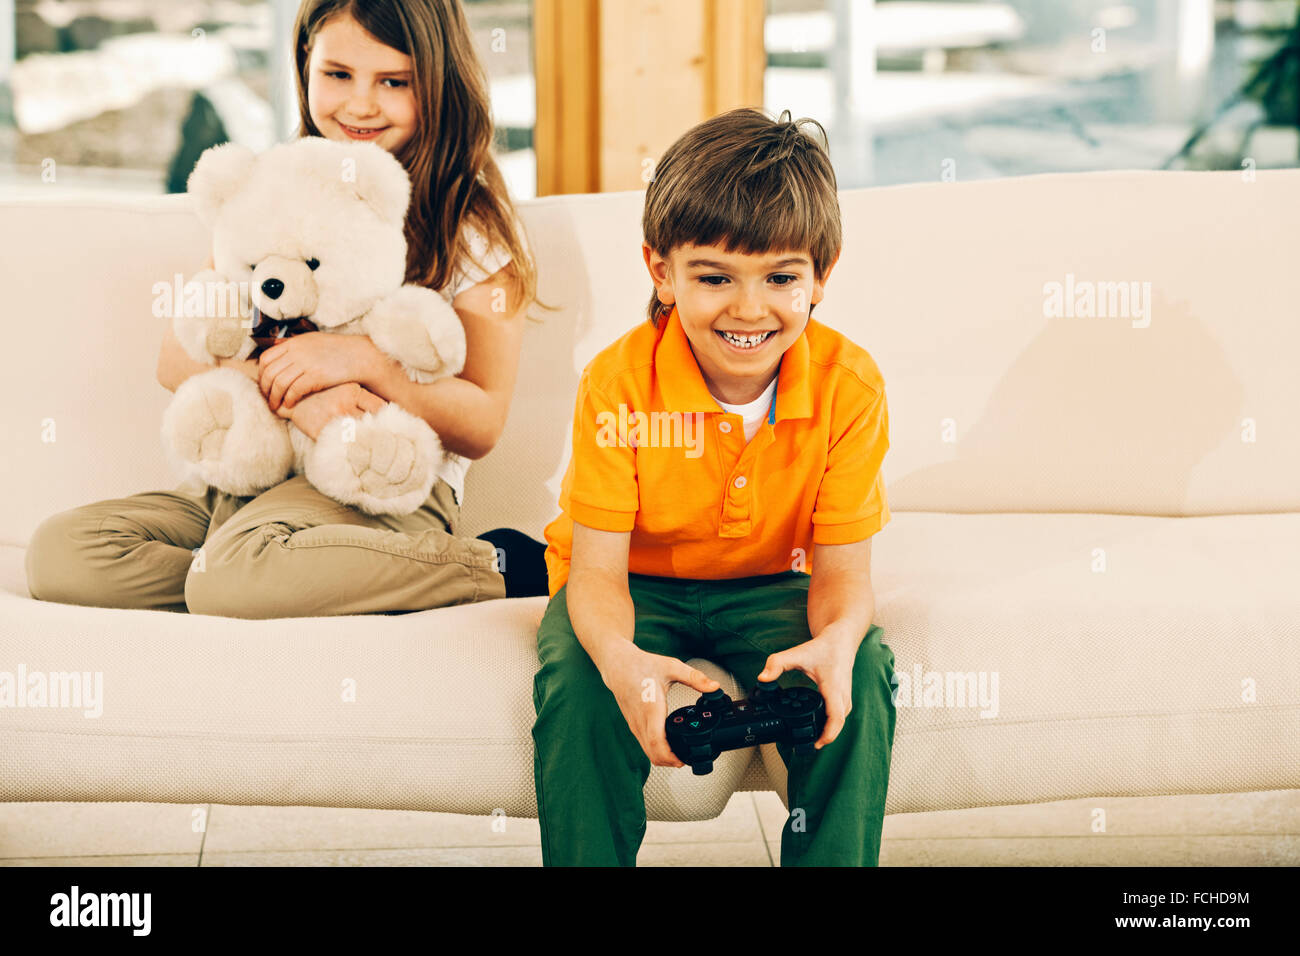 Niño jugando juego de vídeo en sala hermana celebración osito Foto de stock